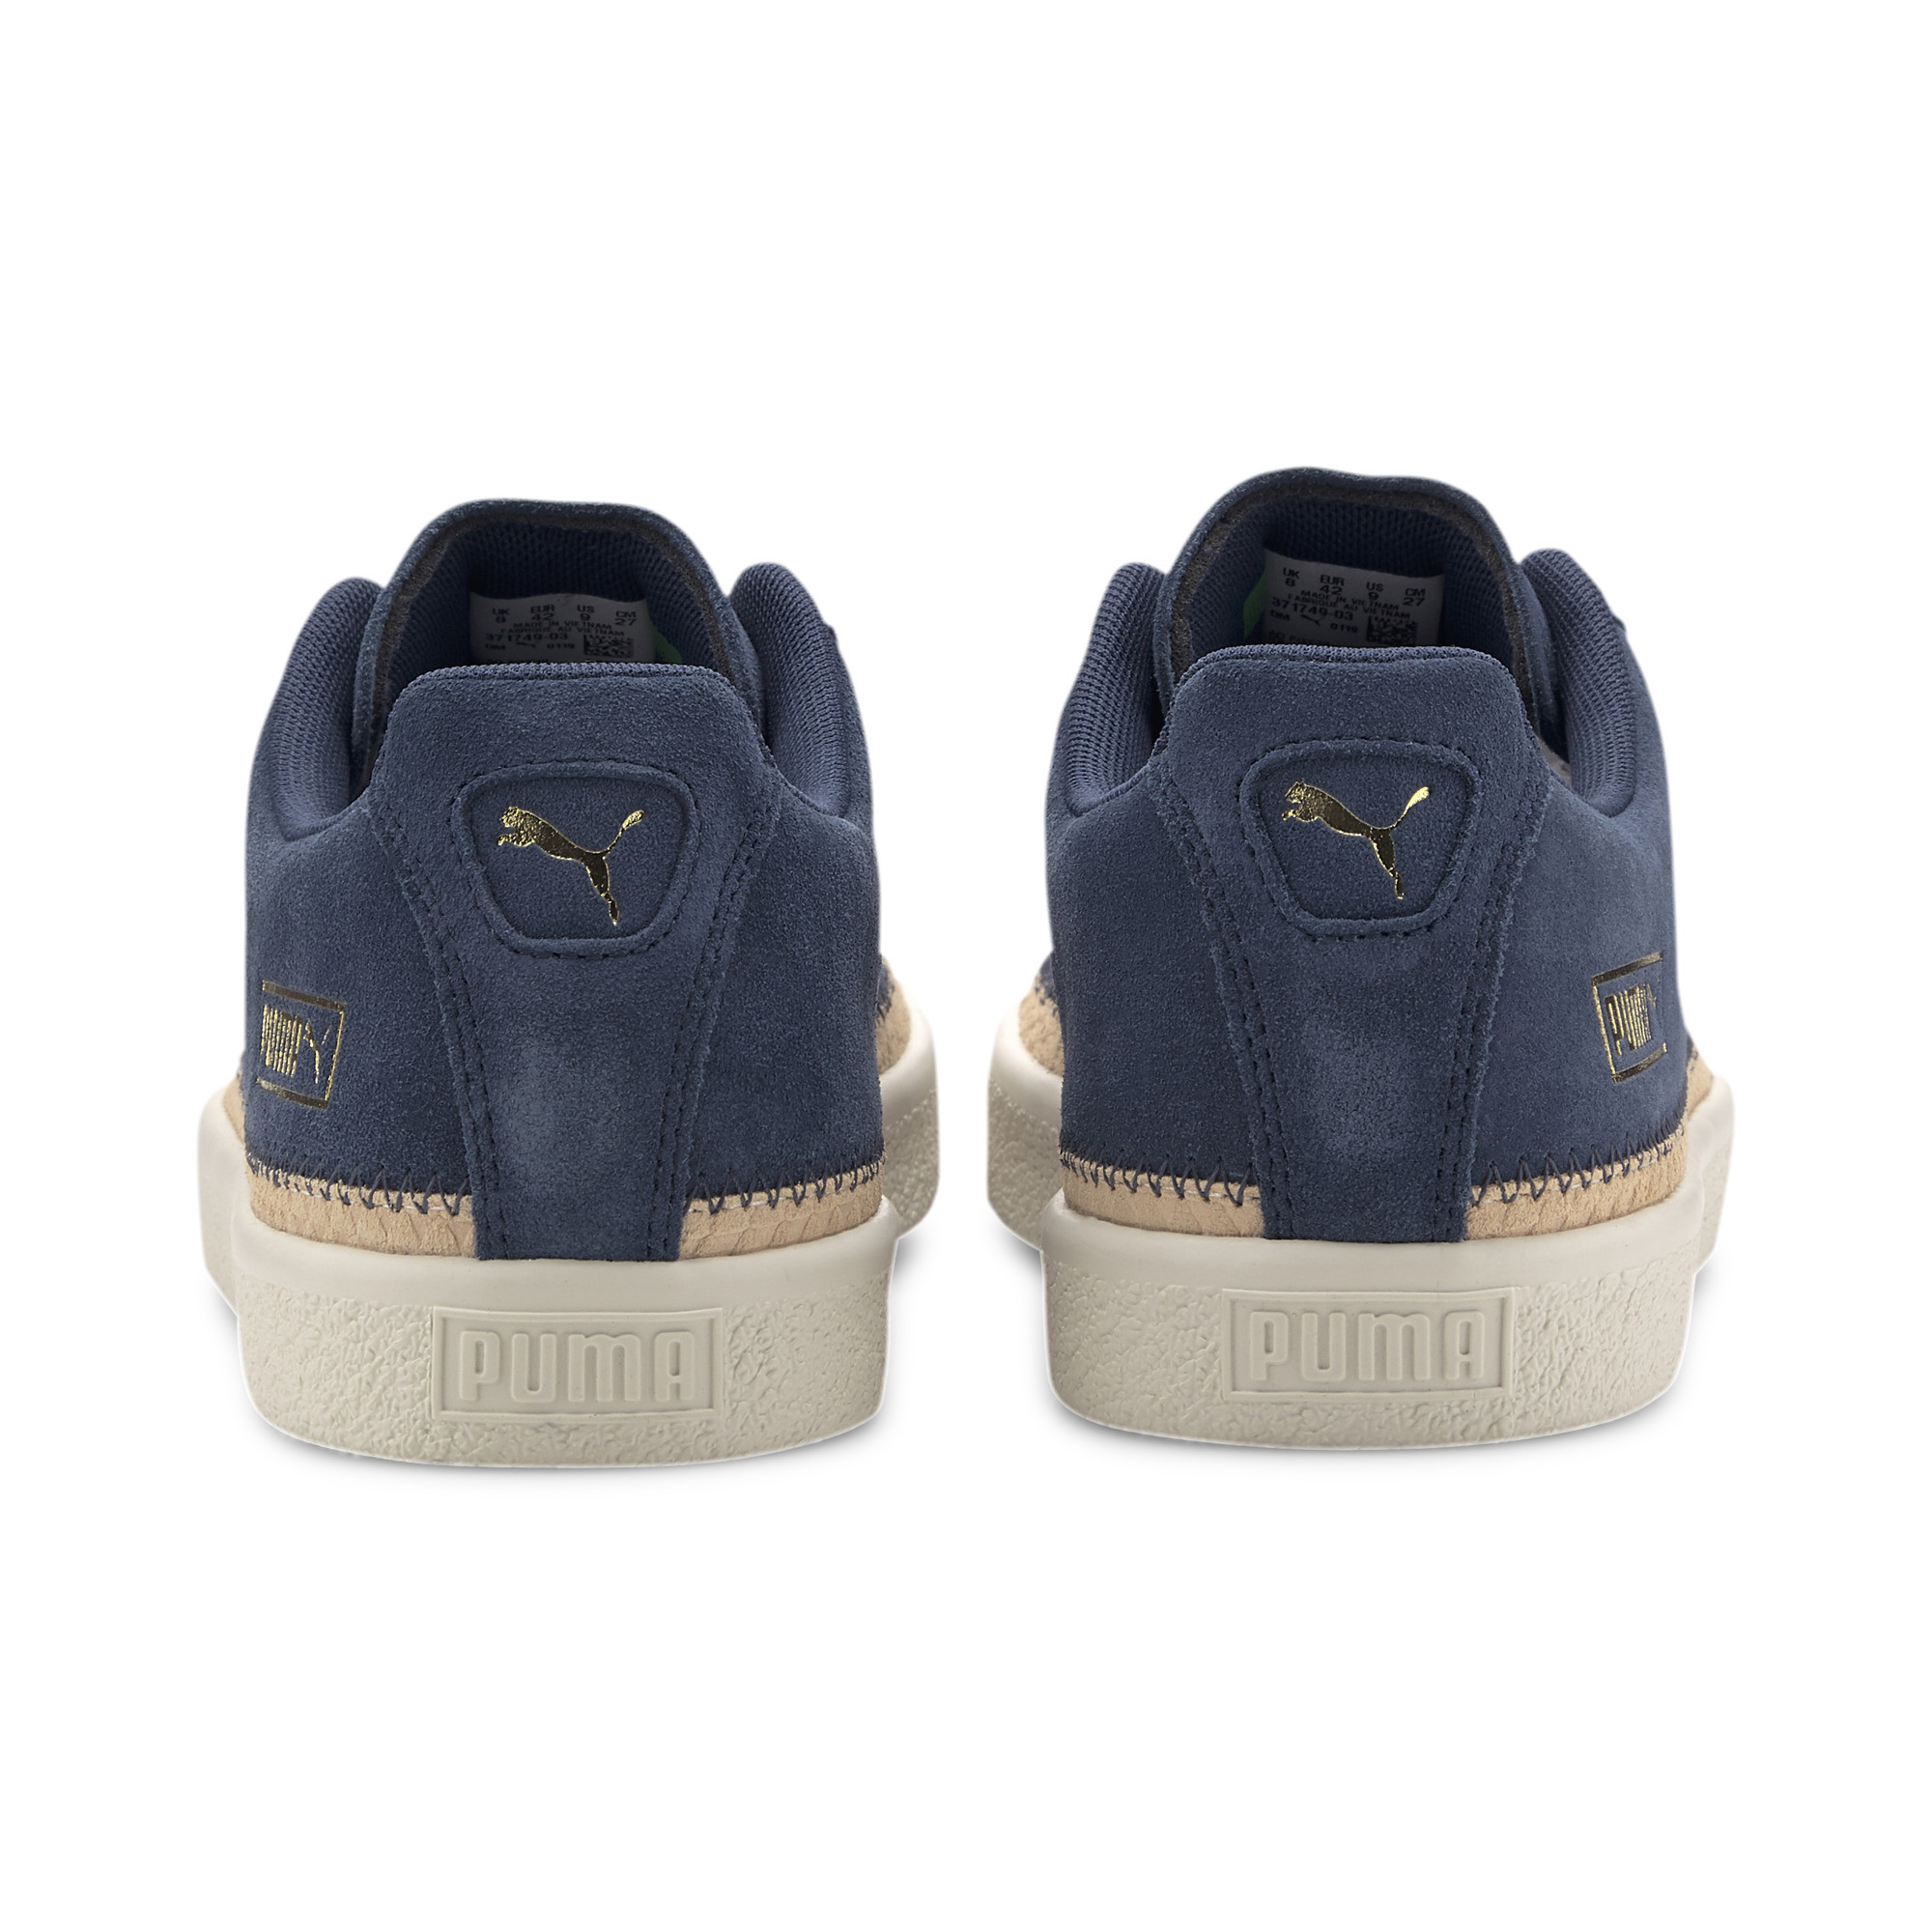 PUMA-Men-039-s-Suede-Trim-DLX-Sneakers thumbnail 10